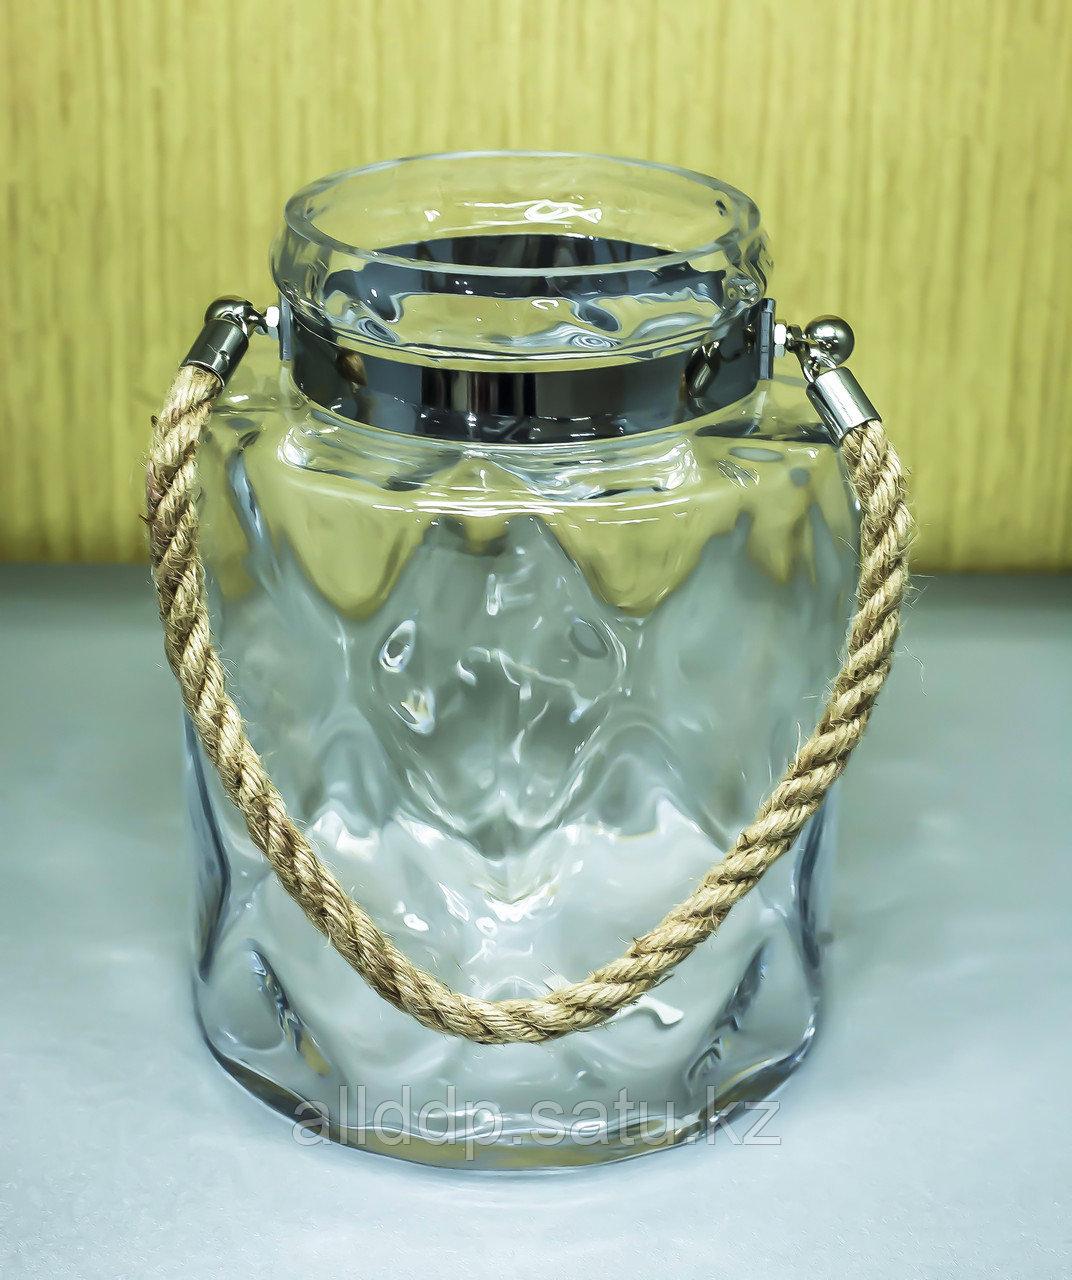 Декоративная банка -сувенир, подвесная (прозрачное стекло),25см